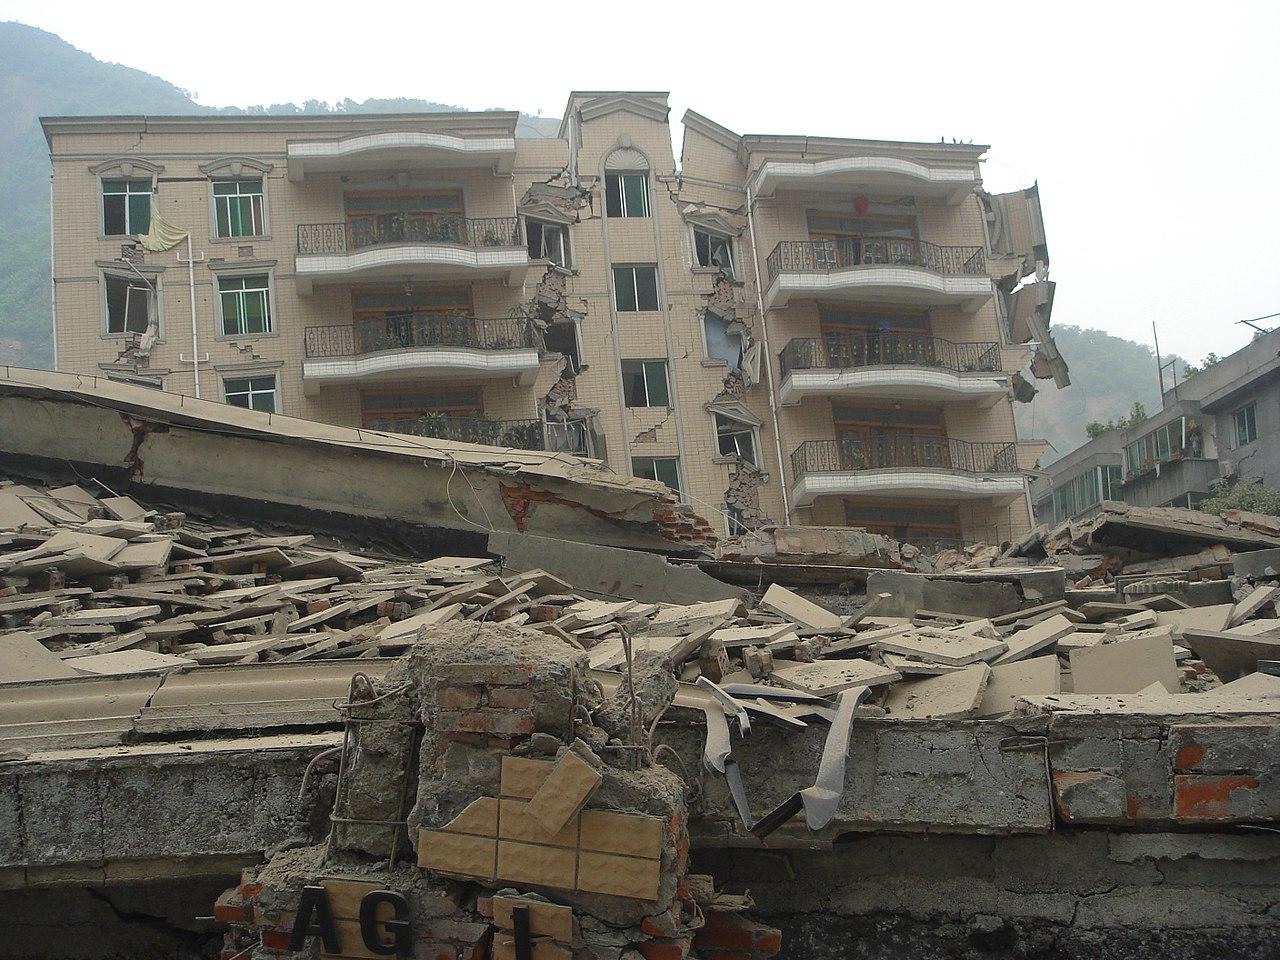 dezastru natural care a distrus un bloc